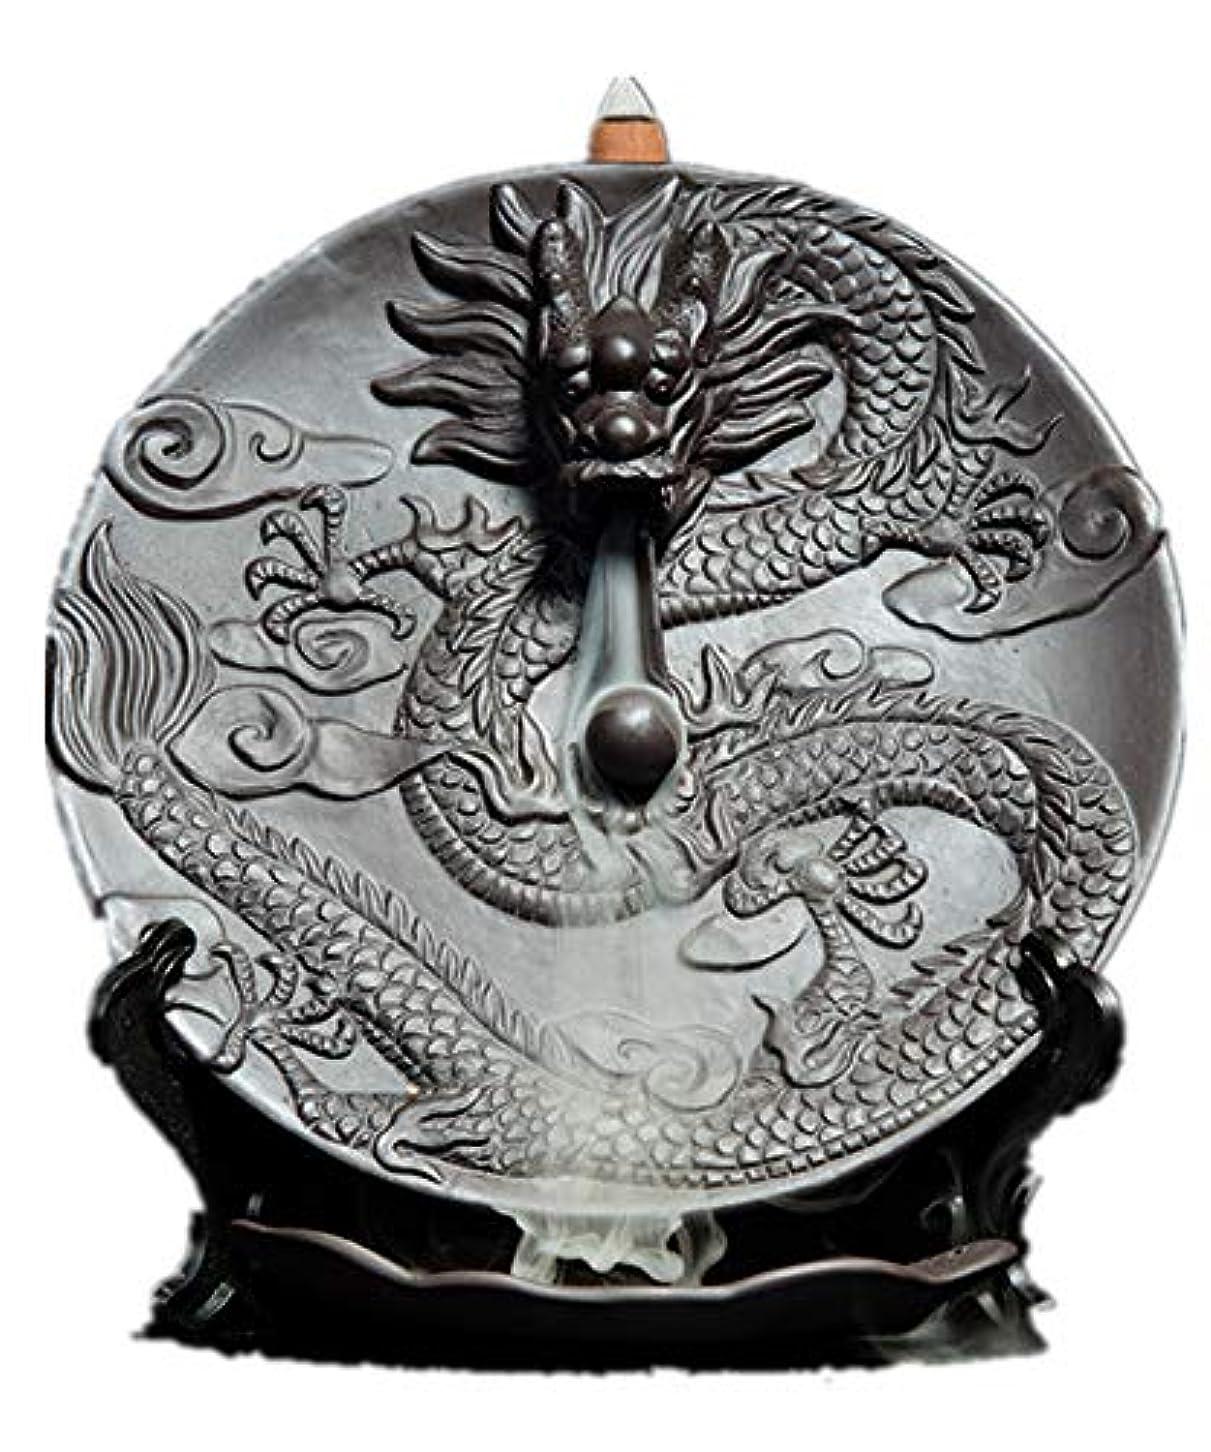 ワイン加害者文句を言うXPPXPP Backflow Incense Burner, Household Ceramic Returning Cone-shaped Candlestick Burner